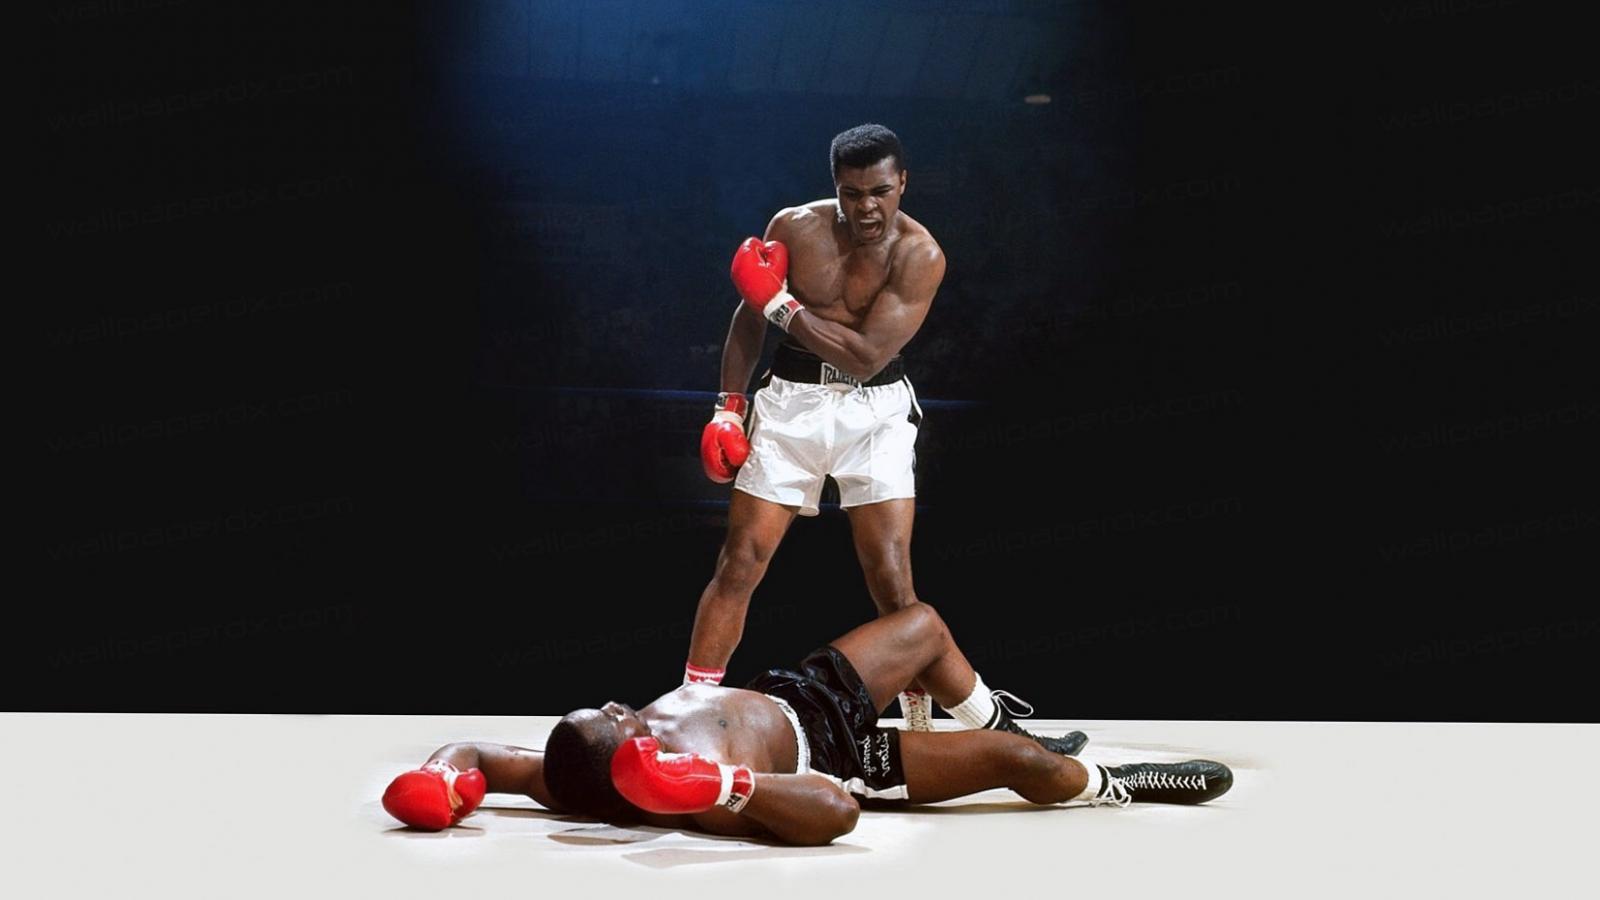 Free Download Muhammad Ali Hd Wallpaper Amazing Hd